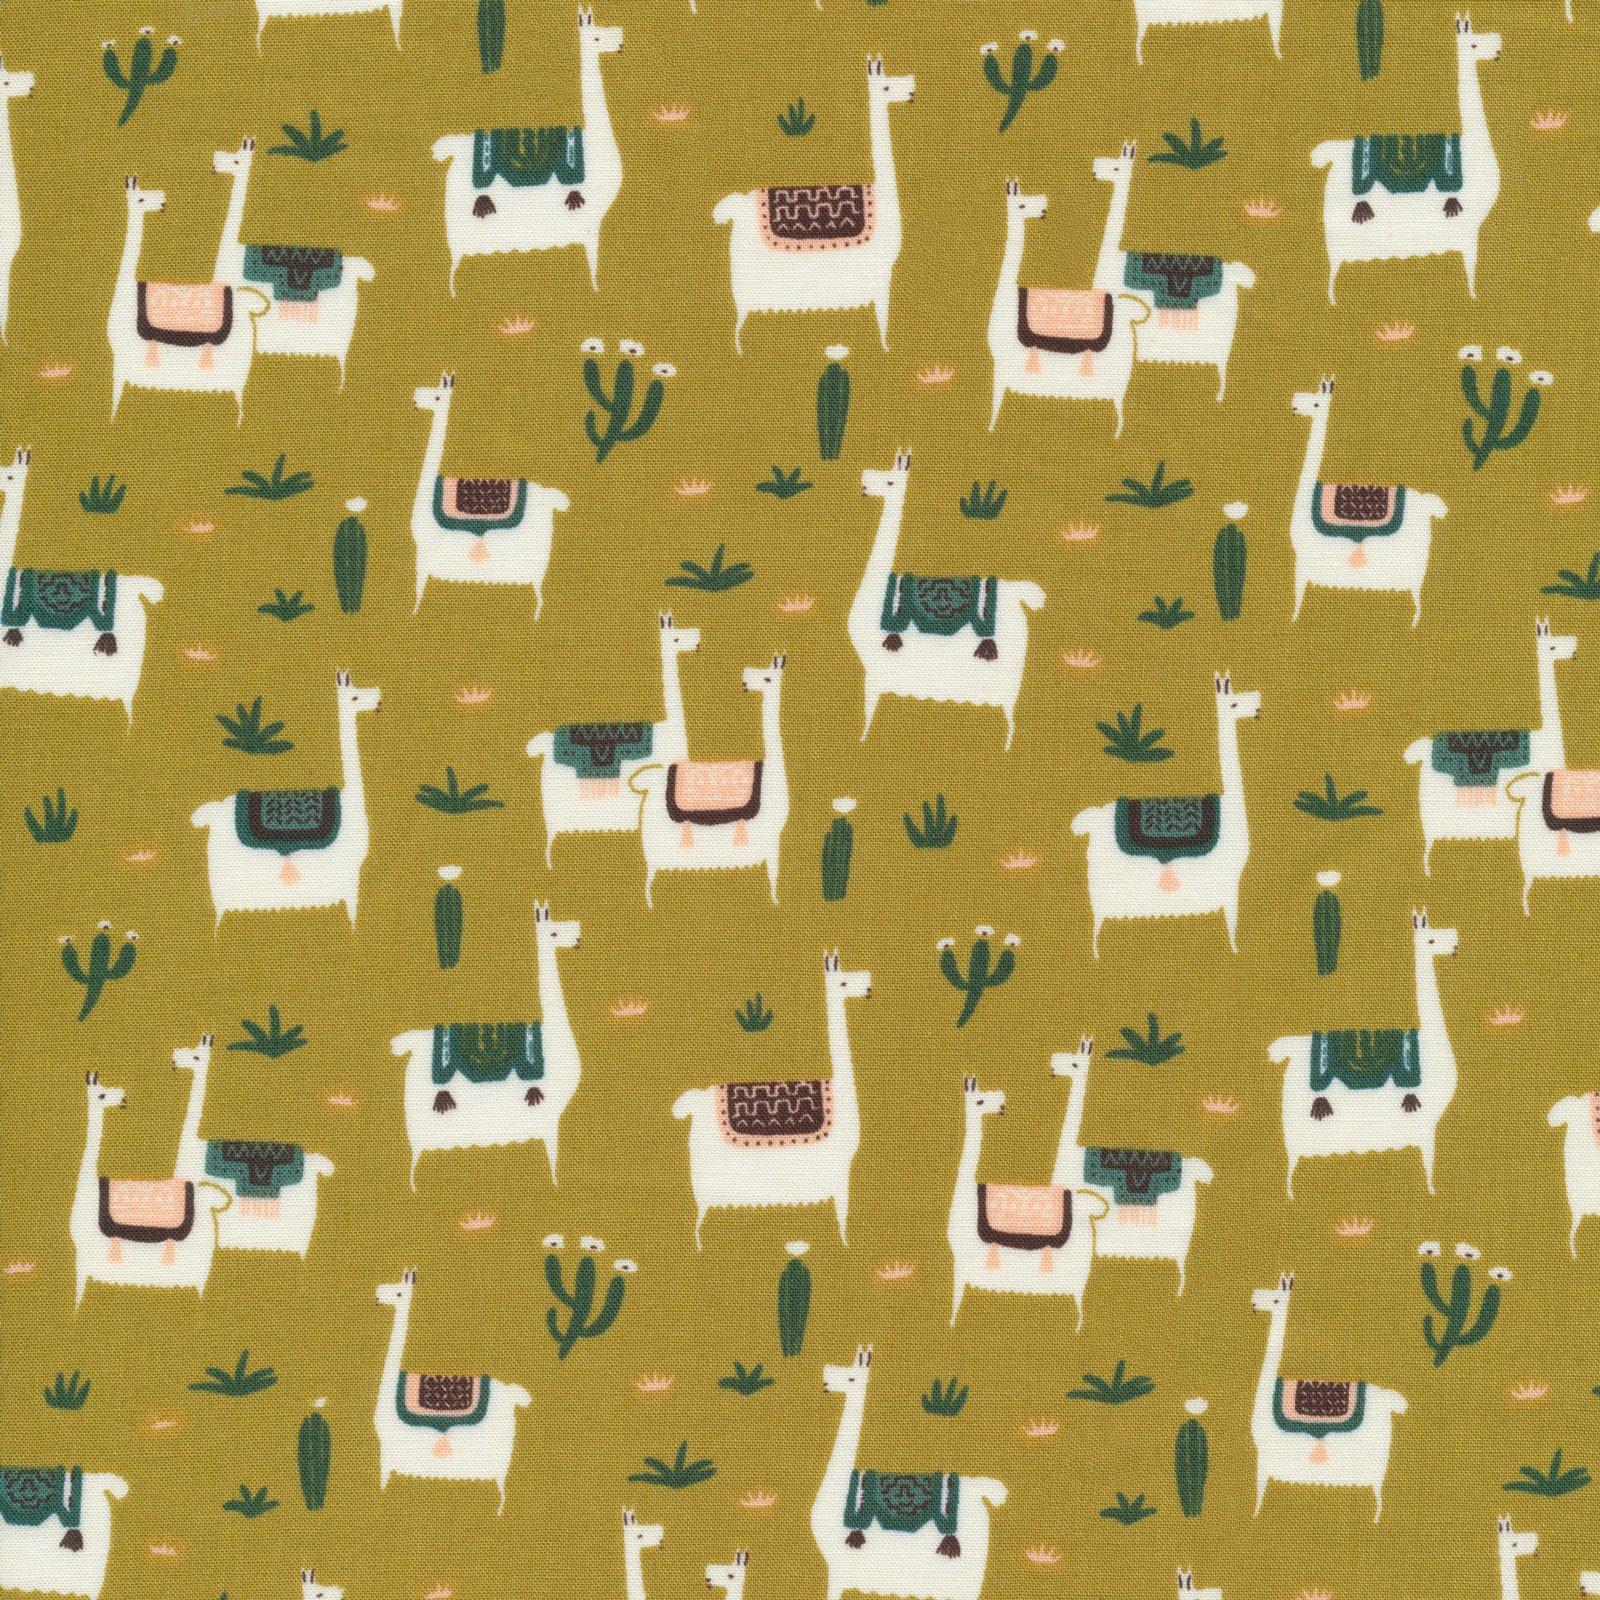 Cloud 9 Faraway Places - Llama Life Mustard - 207702